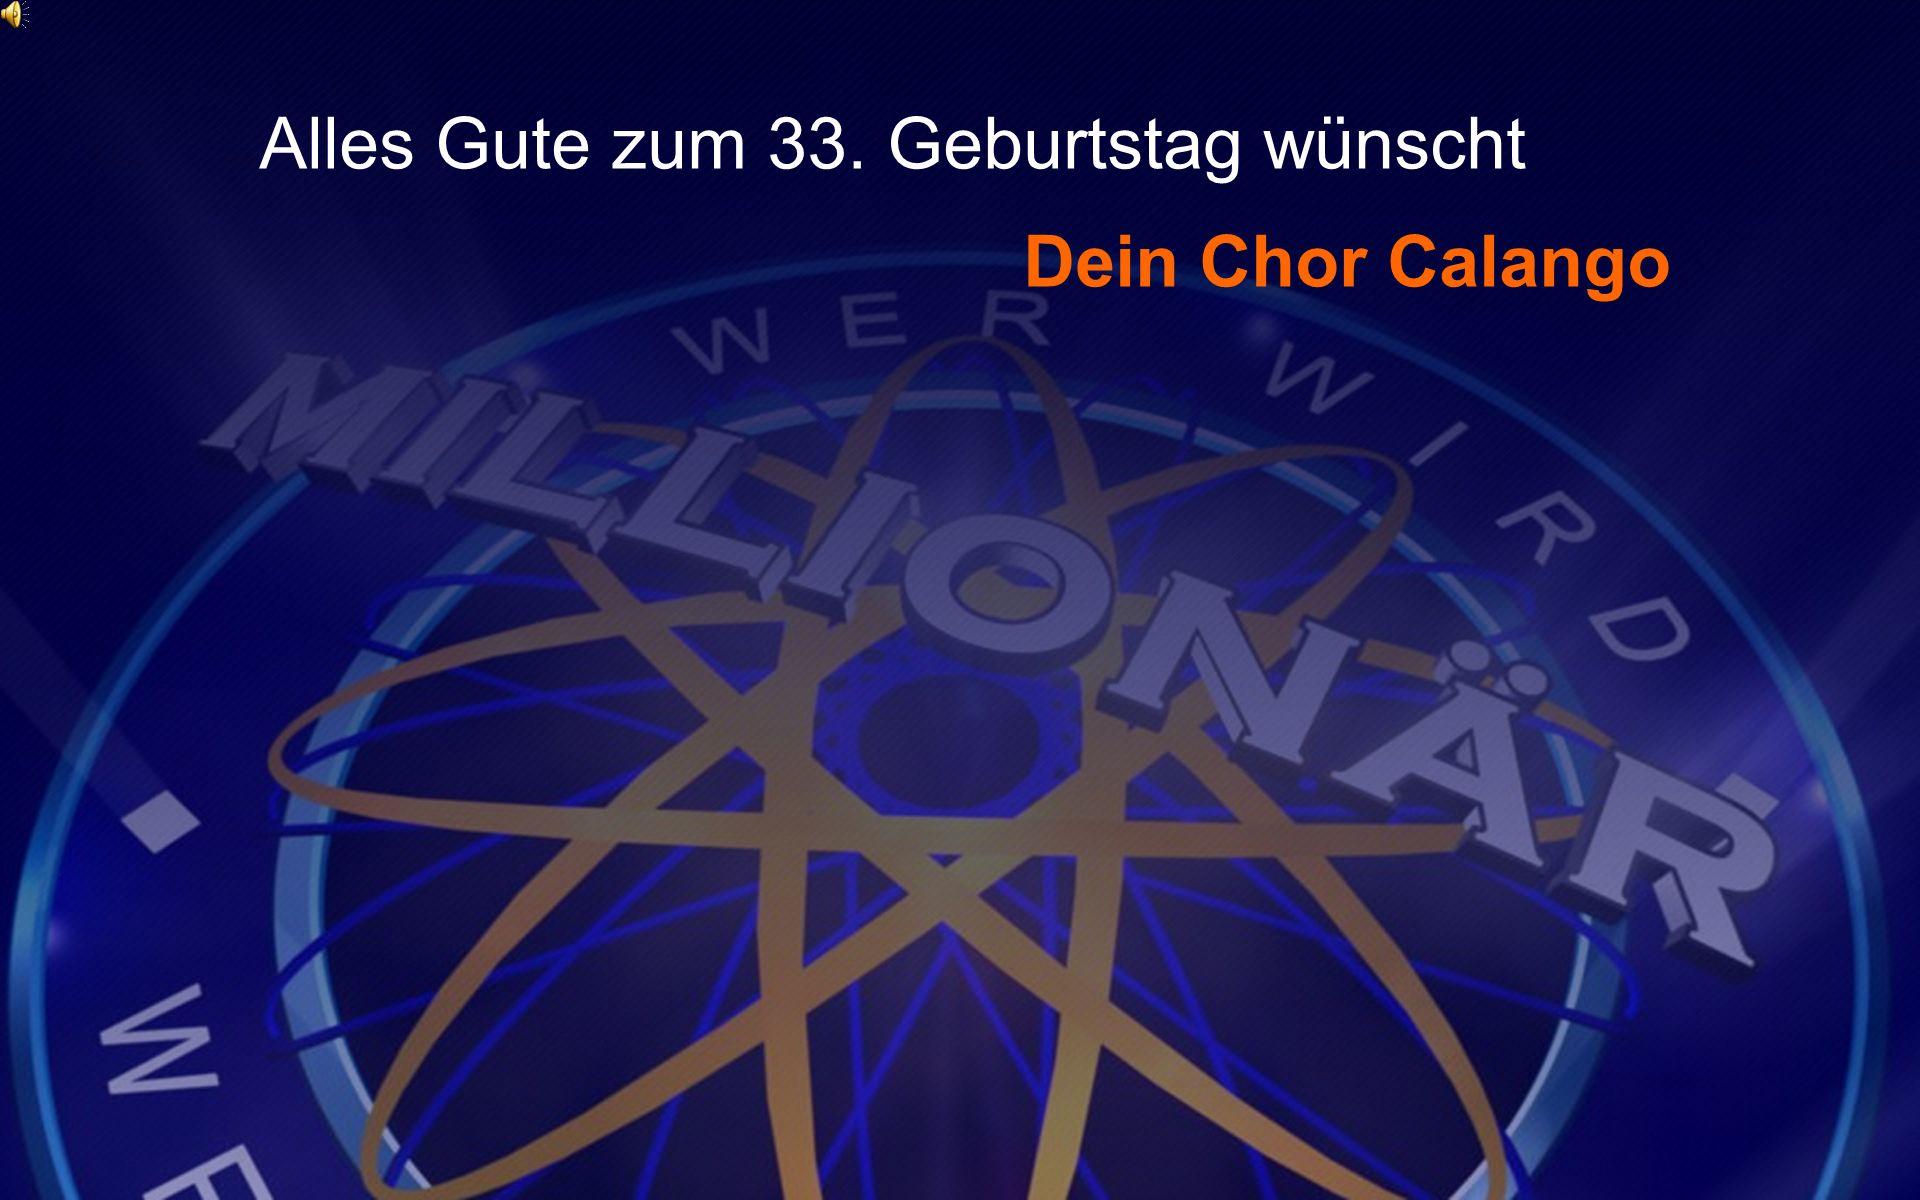 Alles Gute zum 33. Geburtstag wünscht Dein Chor Calango